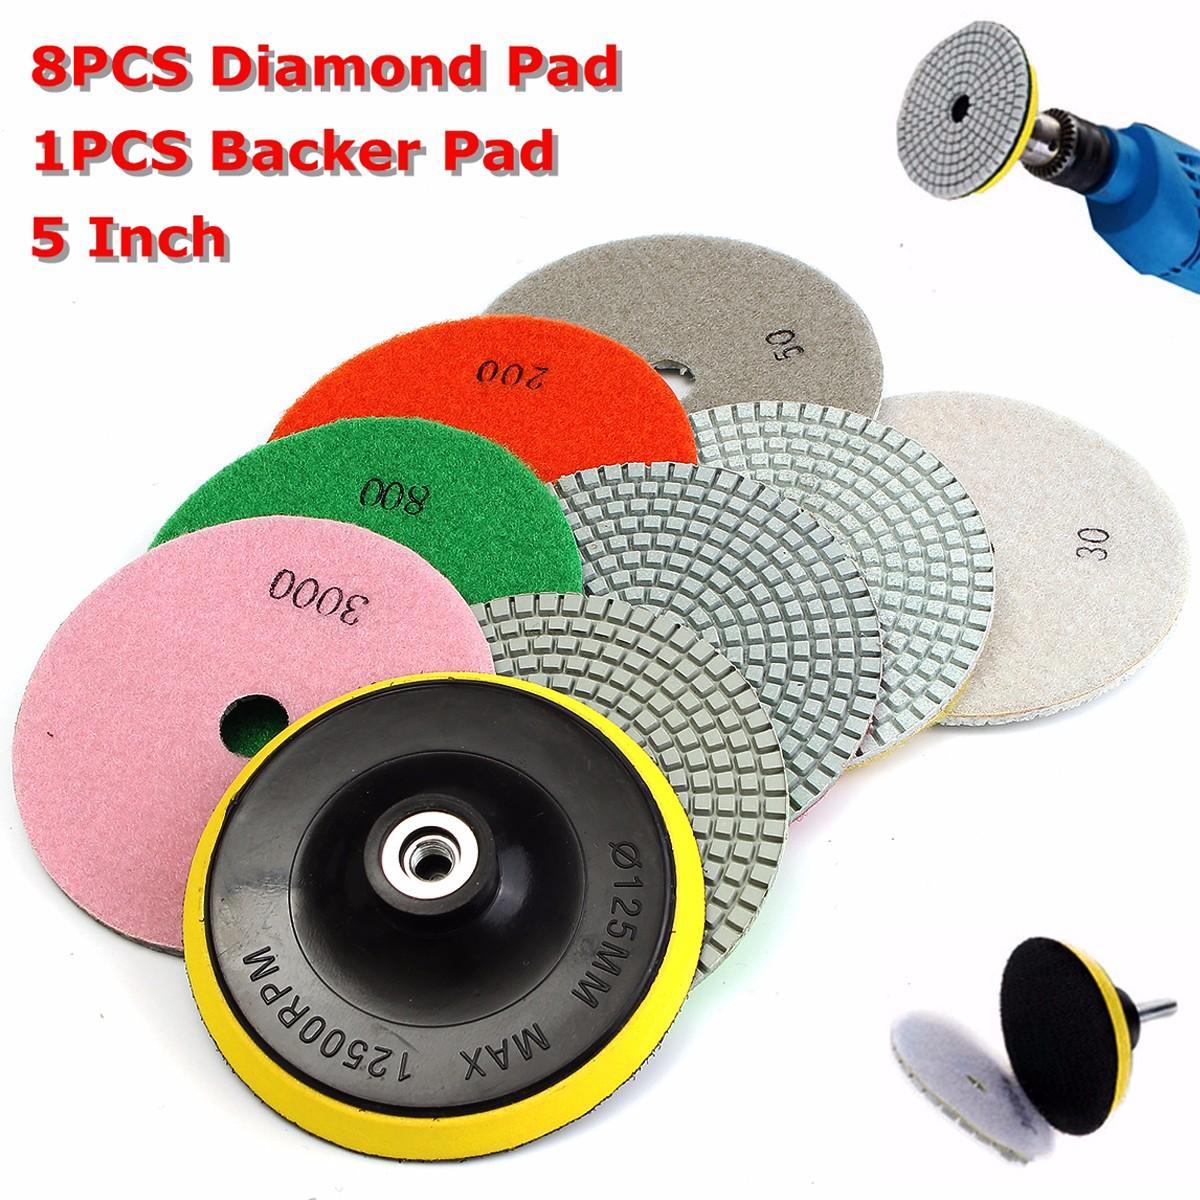 Polegada de Polimento Almofadas de Polimento de Diamante para Pedra de Granito 5 Molhado Mármore Concreto Usar Moagem Discos 30-3000 Grit 9 Pçs – Set Kit